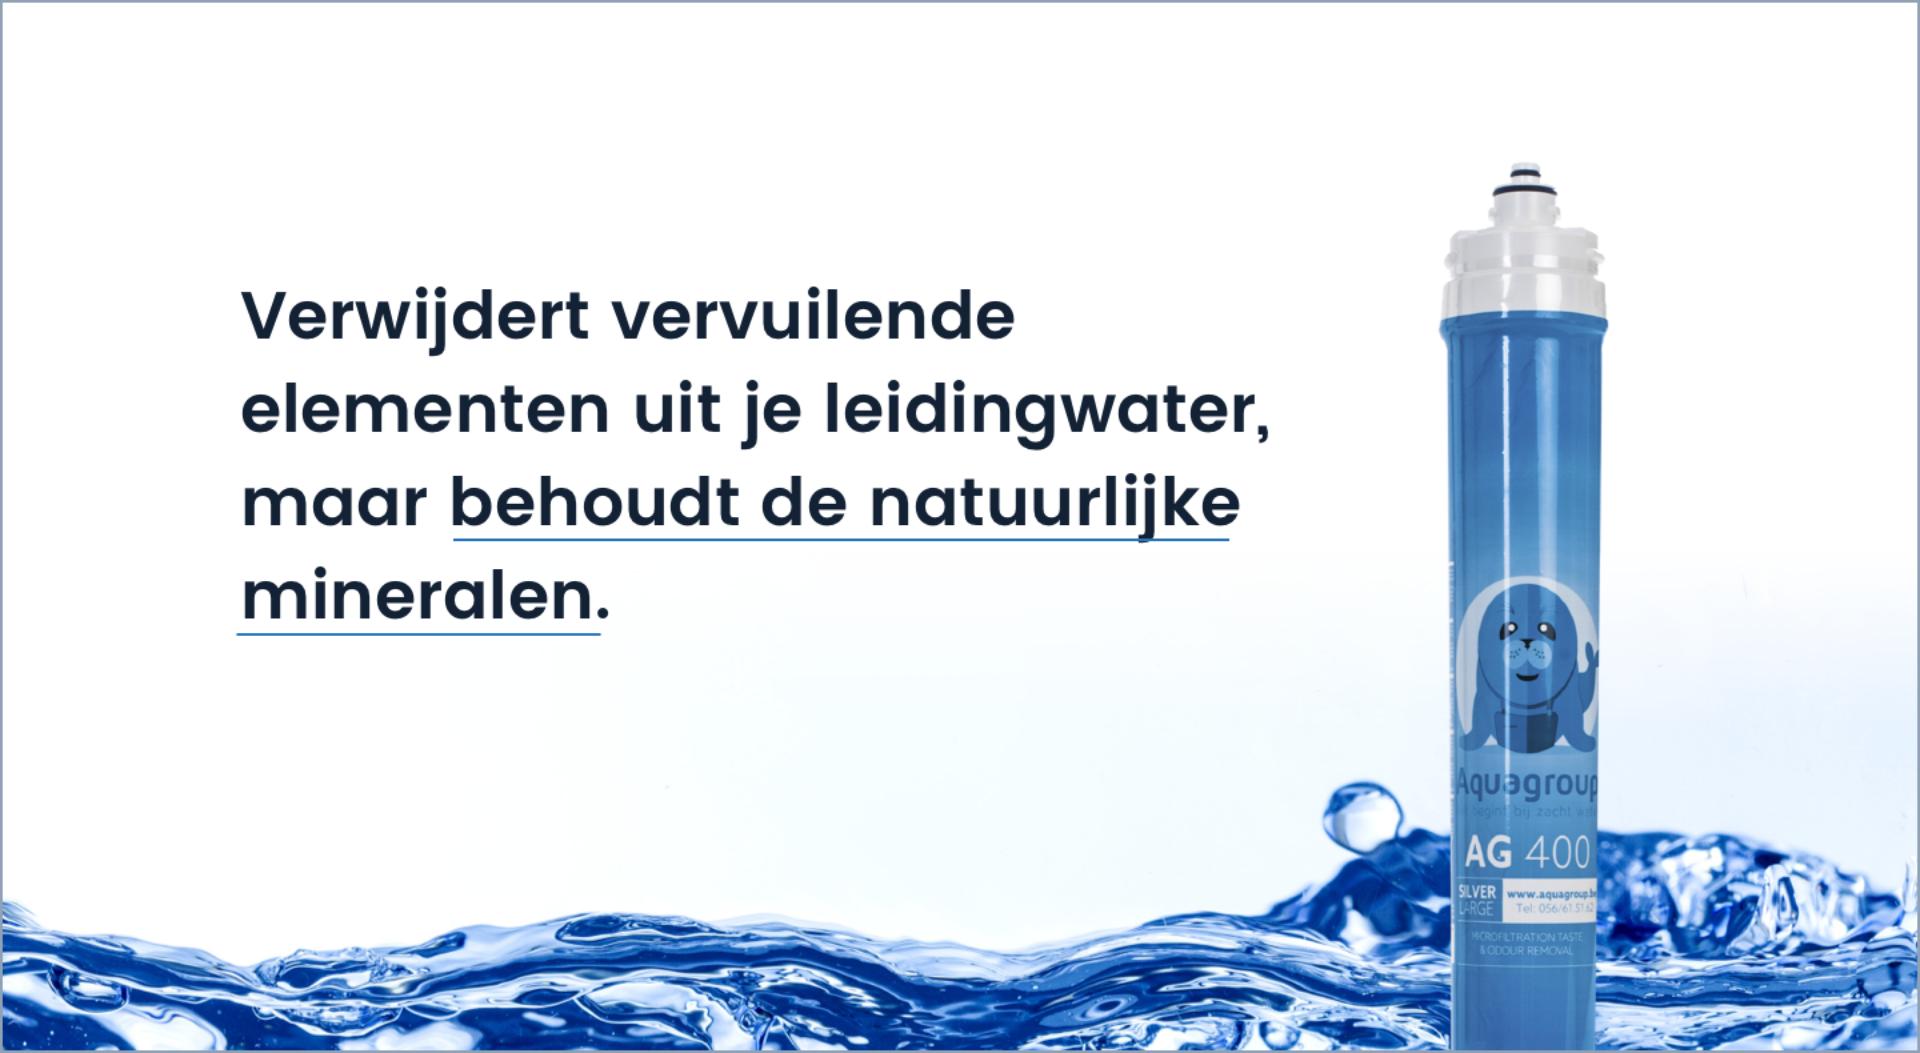 De drinkwaterfilter verwijdert vervuilende elementen uit je leidingwater, maar behoudt de natuurlijke mineralen.